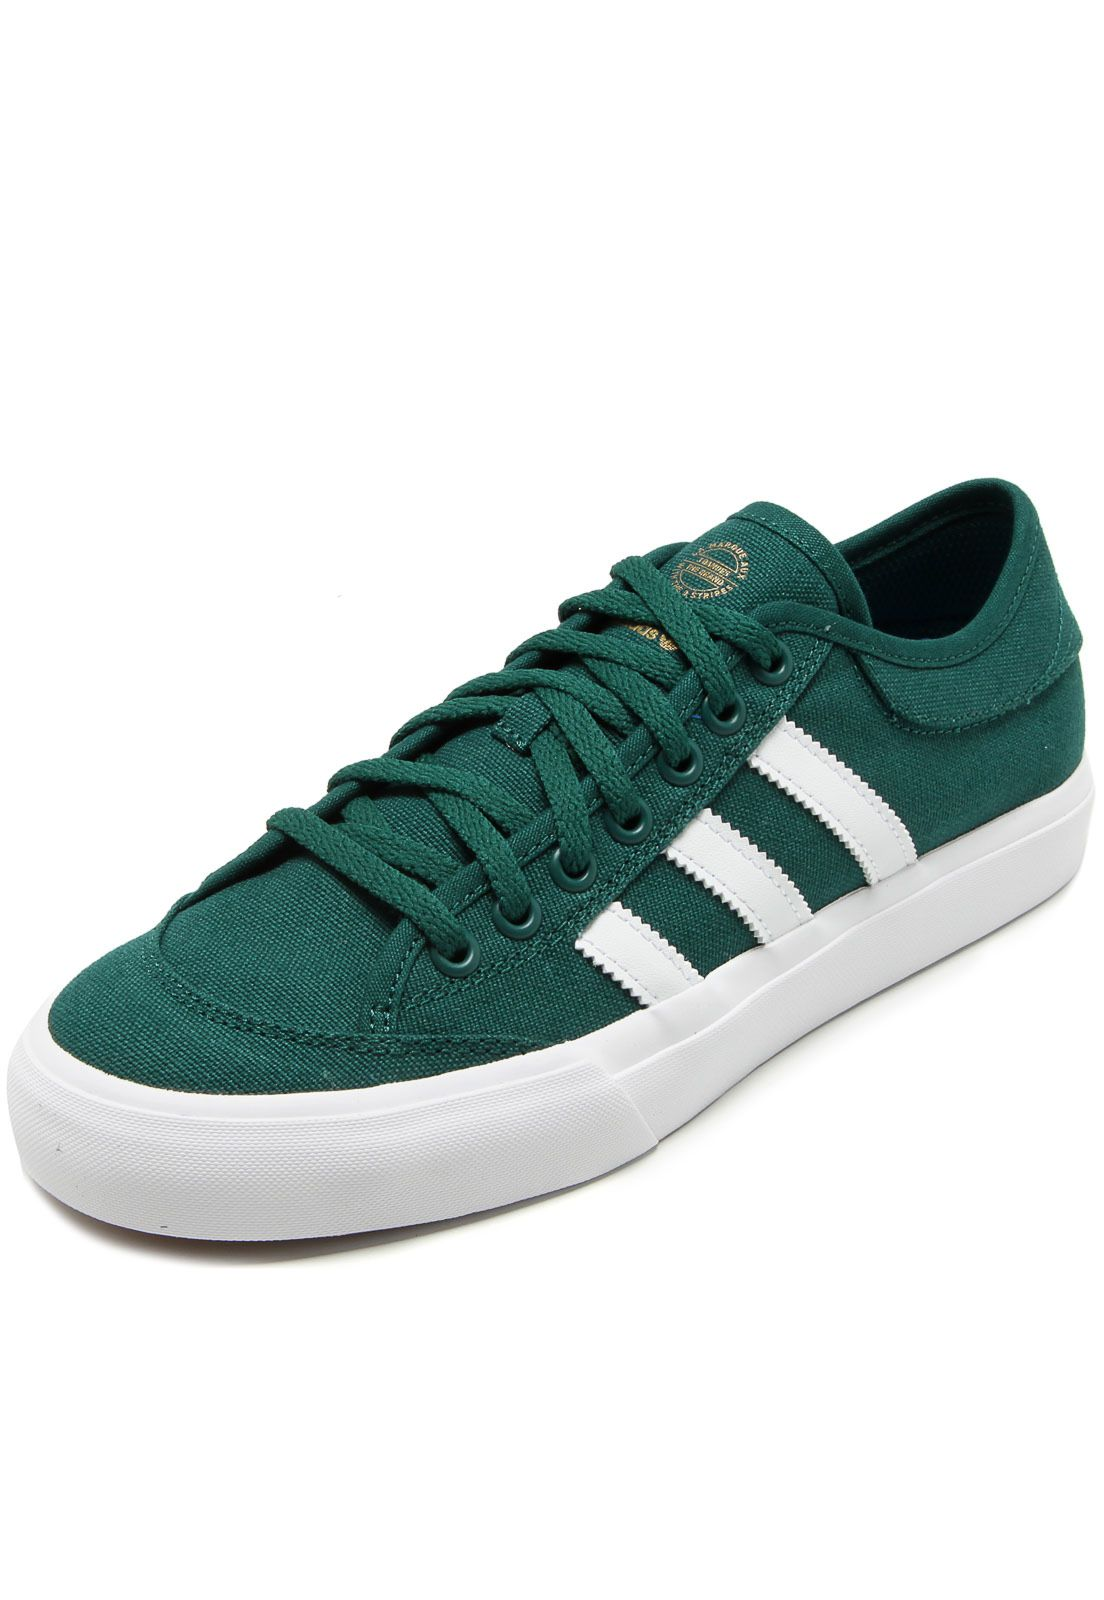 Tío o señor Arena estoy de acuerdo  Tênis adidas Skateboarding Matchcourt Verde | Tenis verde, Tenis adidas,  Comprar tenis adidas